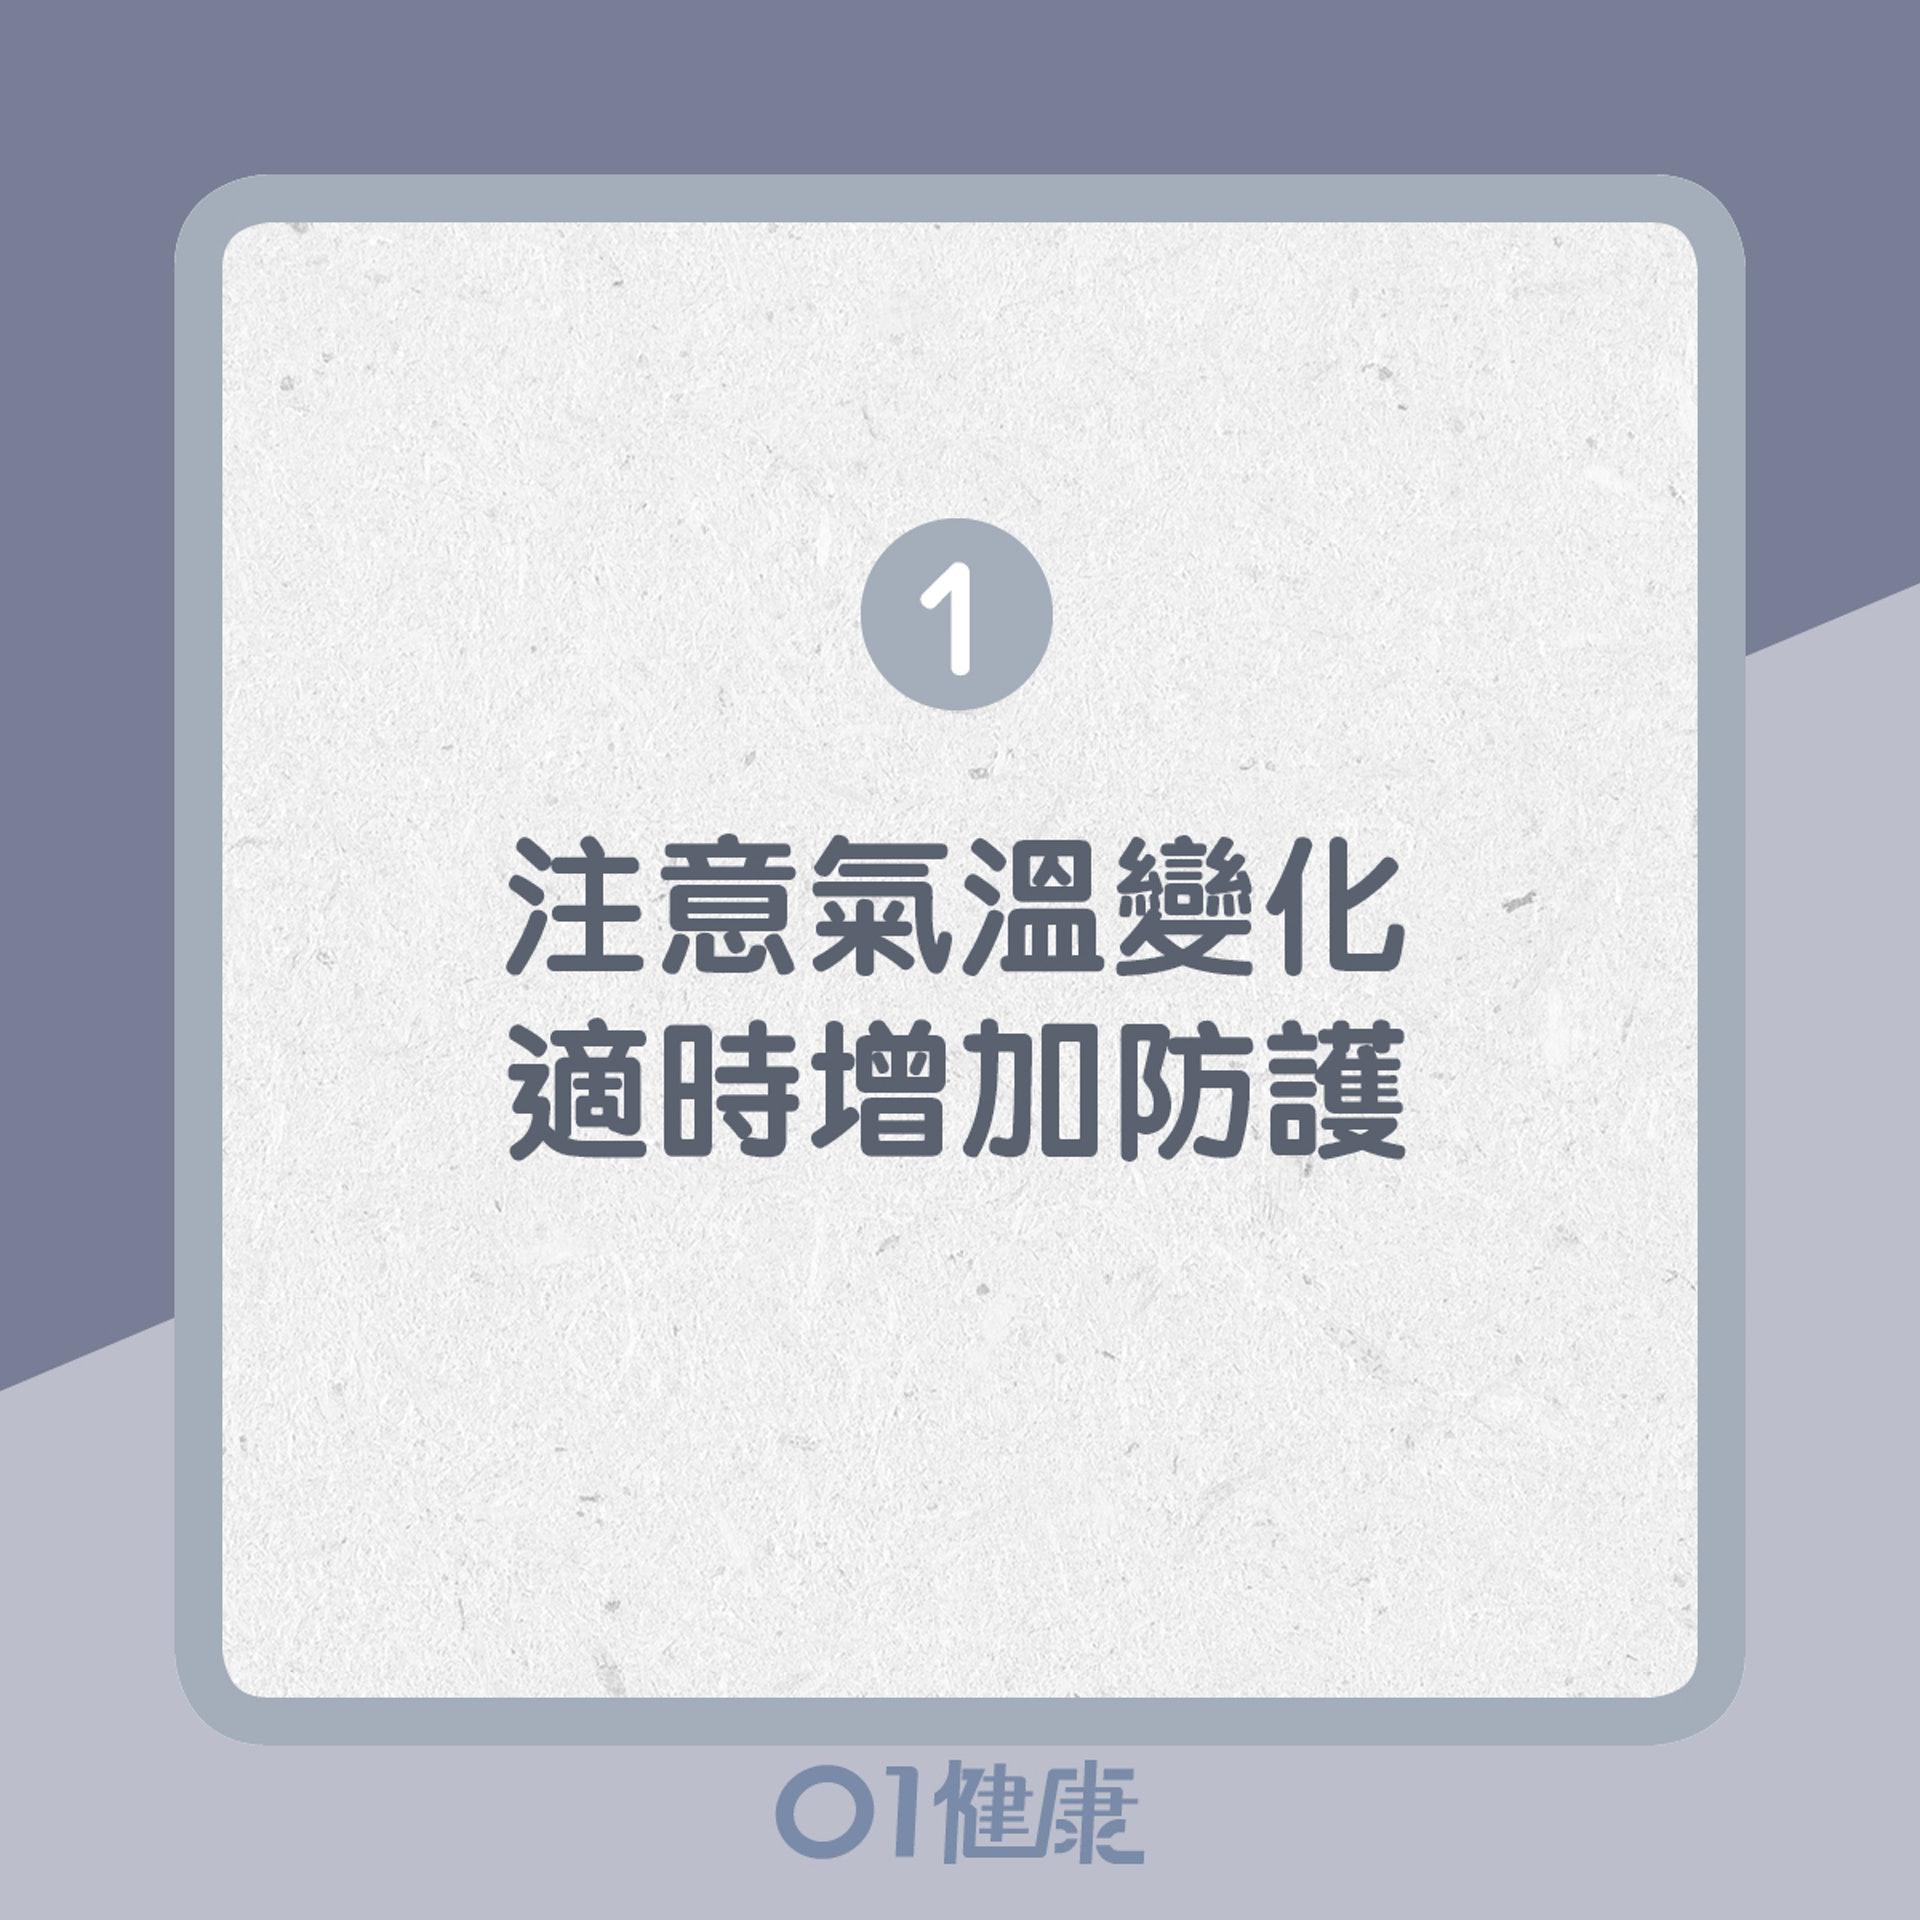 1. 注意氣溫變化,適時增加防護(01製圖)